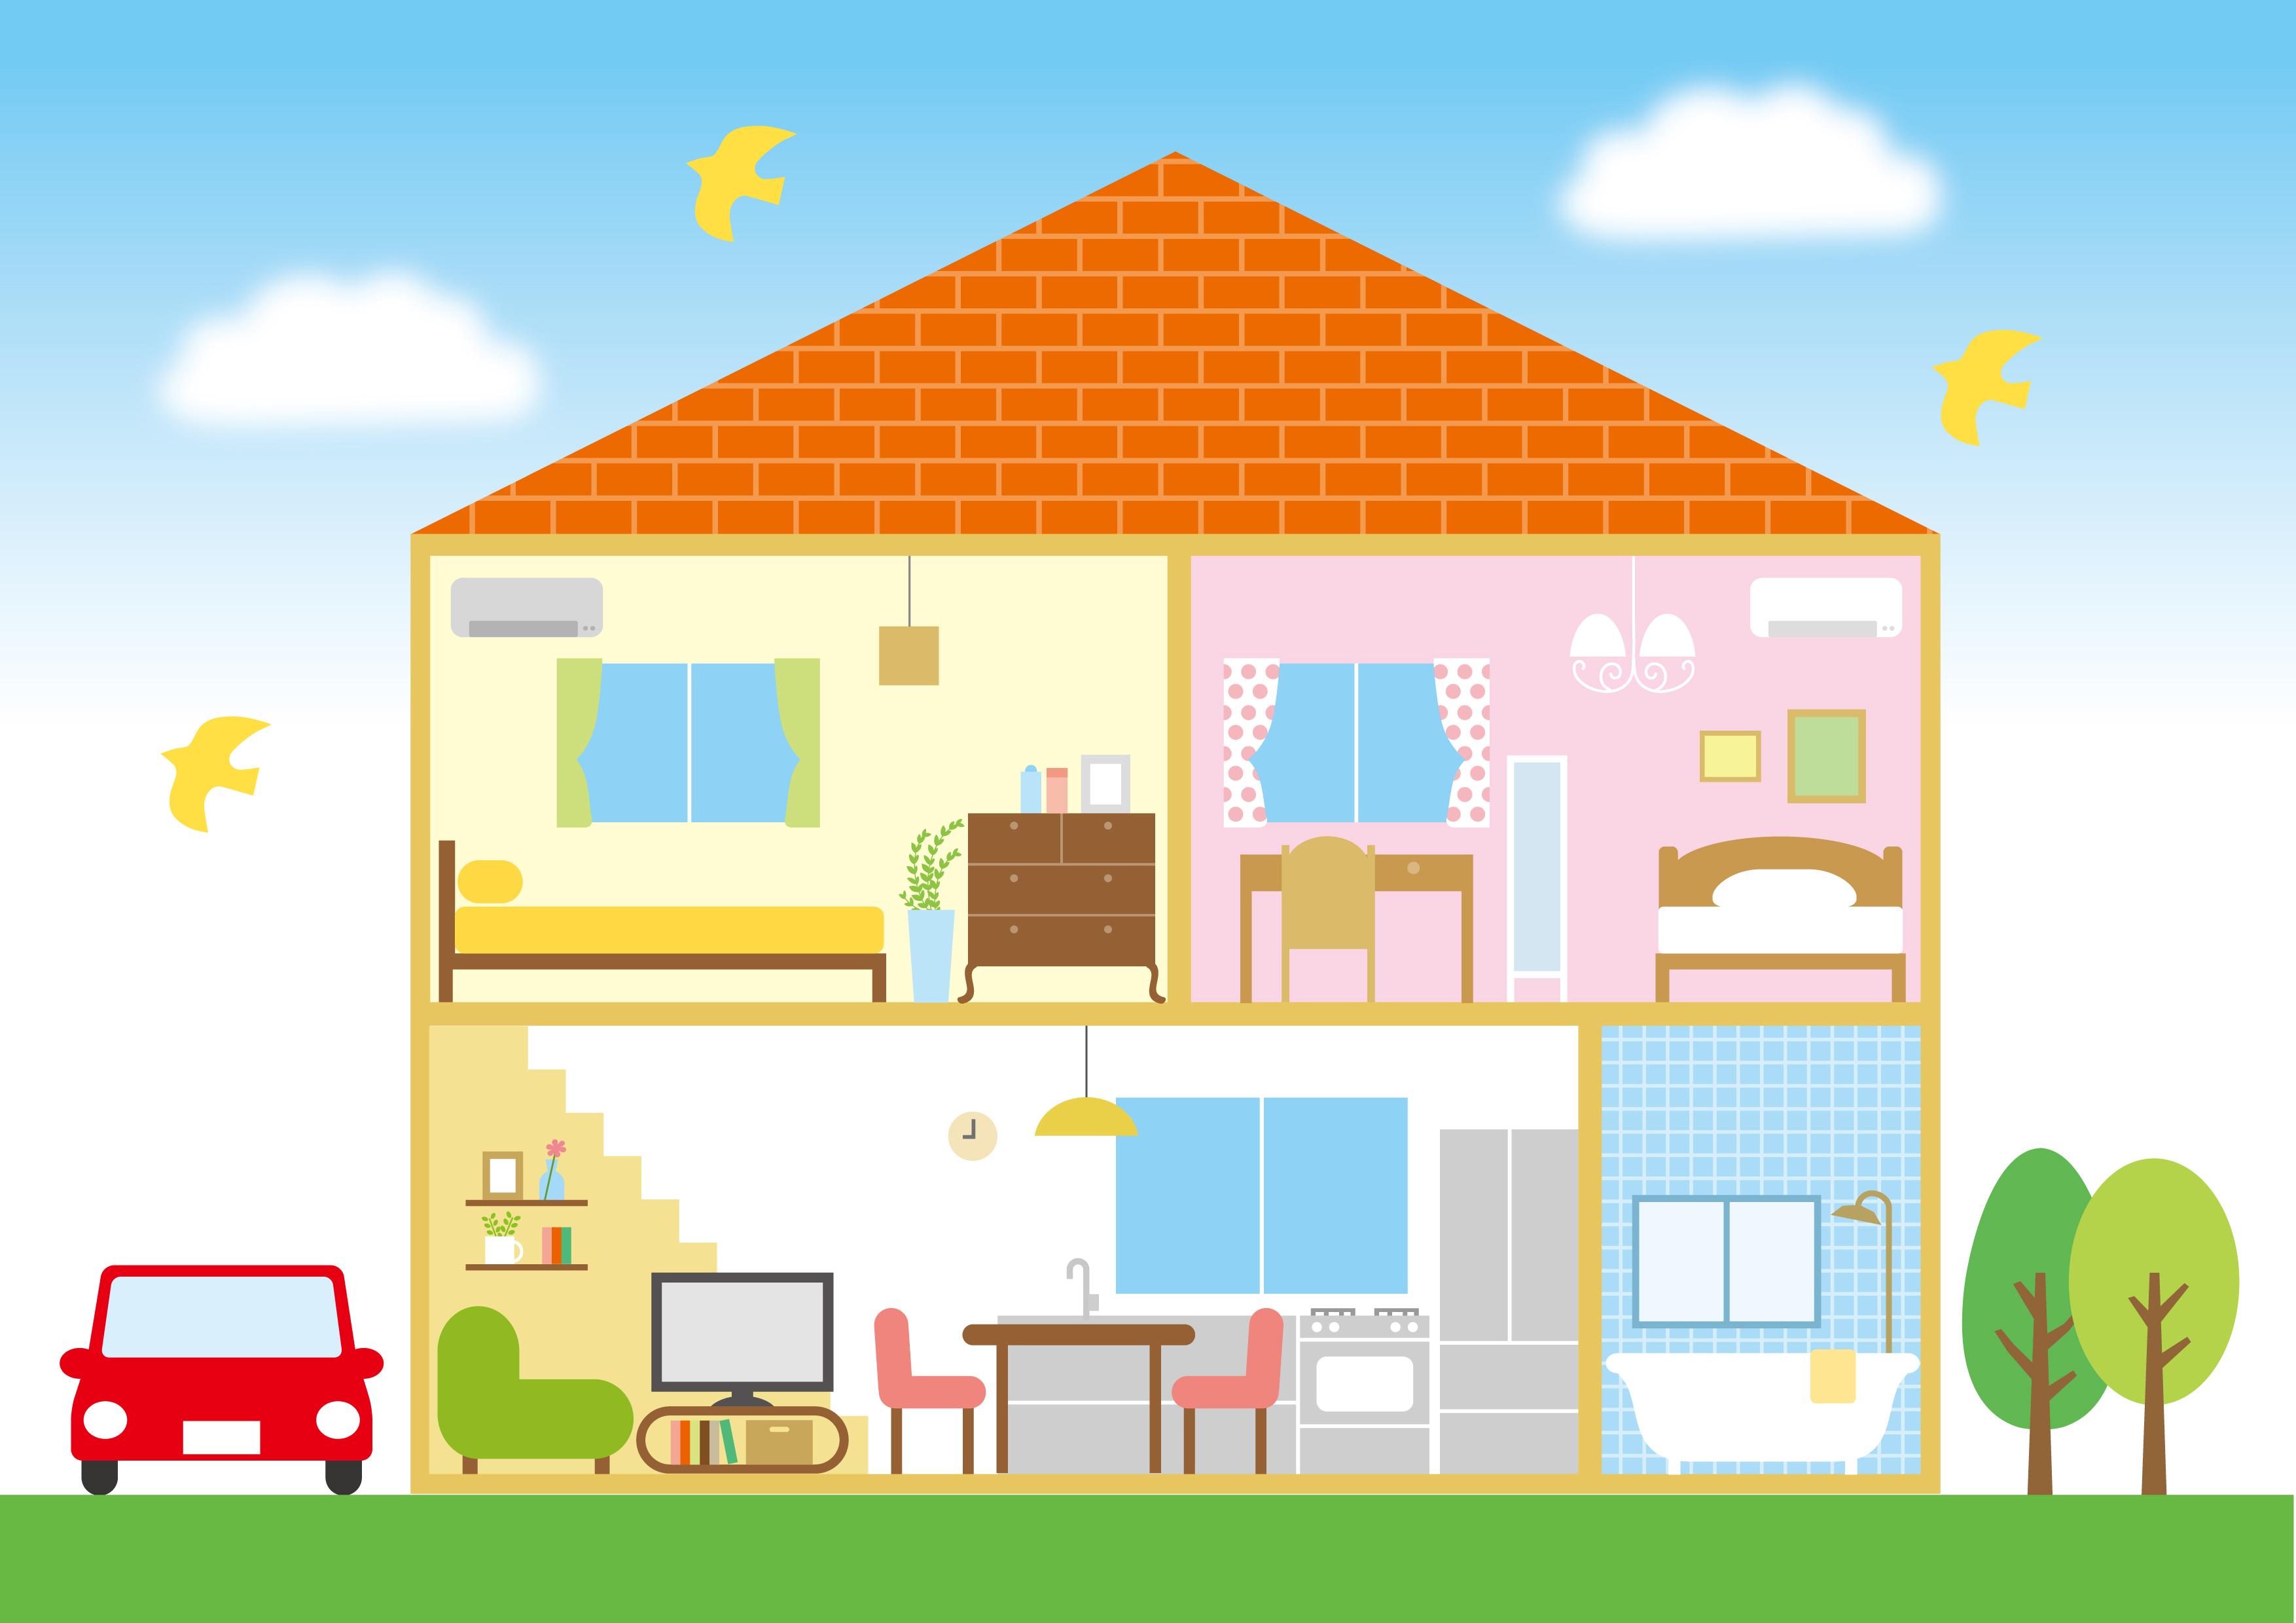 イギリスの住宅はどんな種類があるのか解説。ロンドンの一戸建て9000万